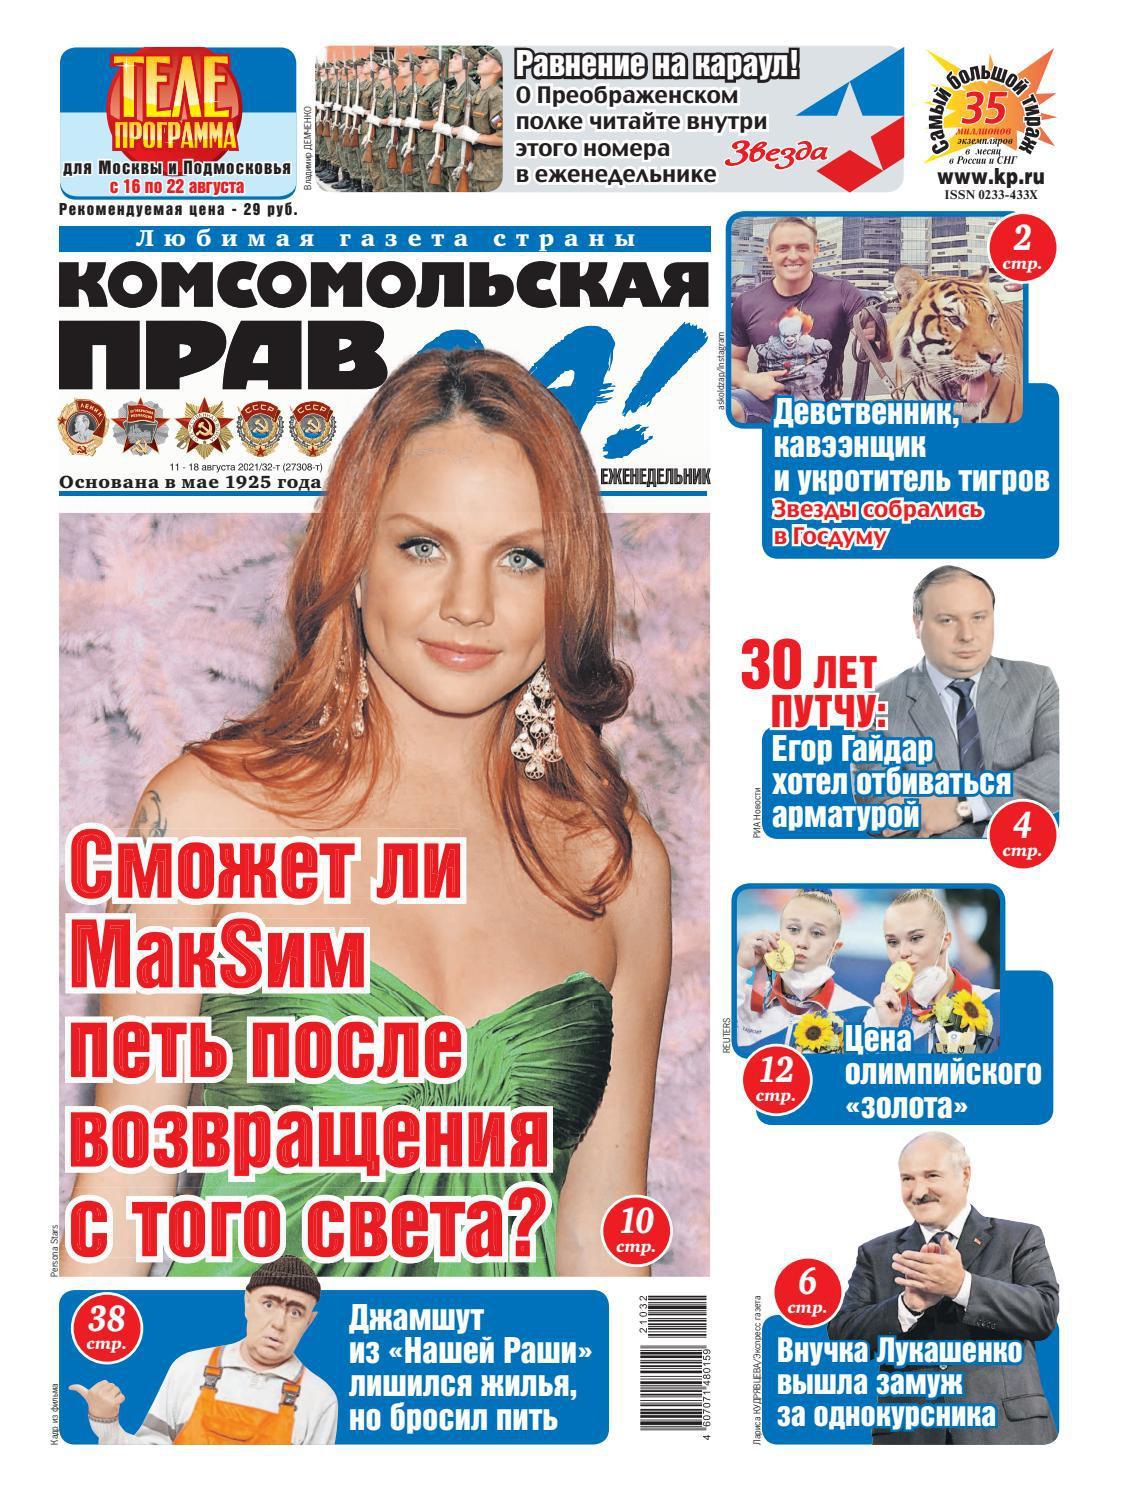 Комсомольская правда №35, август 2021